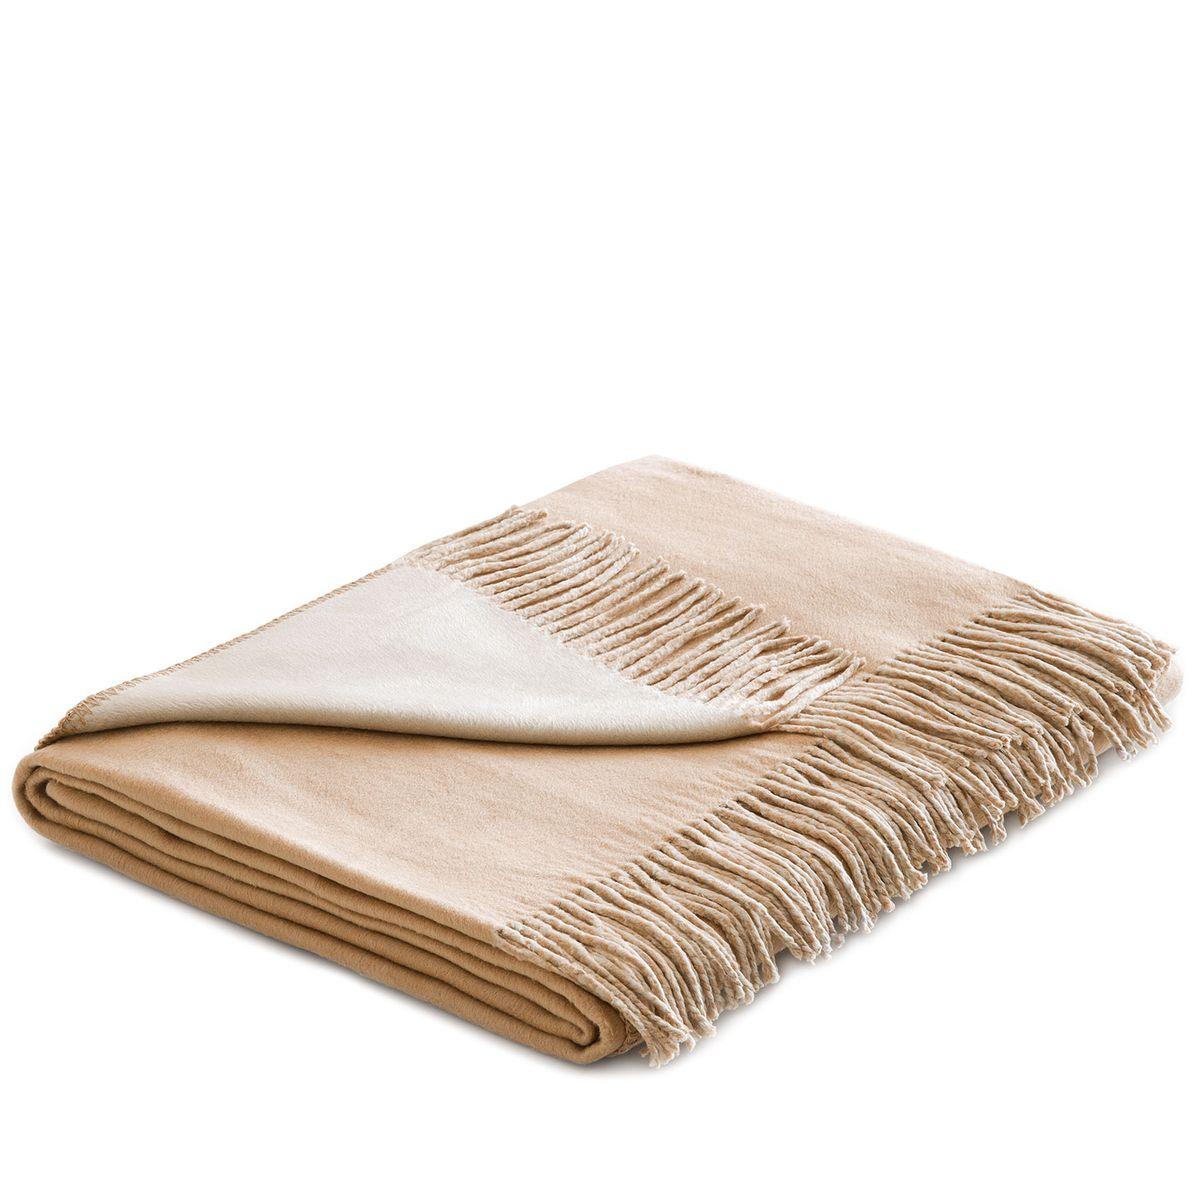 Плед Togas Хлопок-Шелк, цвет: бежевый, светло-коричневый, 140 х 180 см20.03.10.0006Утонченный плед Togas Хлопок-Шелк - это высшая роскошь и настоящее наслаждение. Нежное,скользящее прикосновение этой божественной ткани наполняет блаженством и легкостью.Необычный дизайн позволяет в мгновение ока трансформировать пространство вашей спальниили гостиной: просто поверните плед стороной того цвета, который вам сейчас по душе, - инаслаждайтесь непринужденной грацией элегантно драпирующихся складок, ниспадающихшелковистым каскадом. Несмотря на удивительную тонкость и невесомость, плед из 75% шелкаи 25% хлопка очень практичен и прост в уходе, а значит - прослужит вам долгие годы, ставнеотъемлемой частью вашего уюта и комфорта.